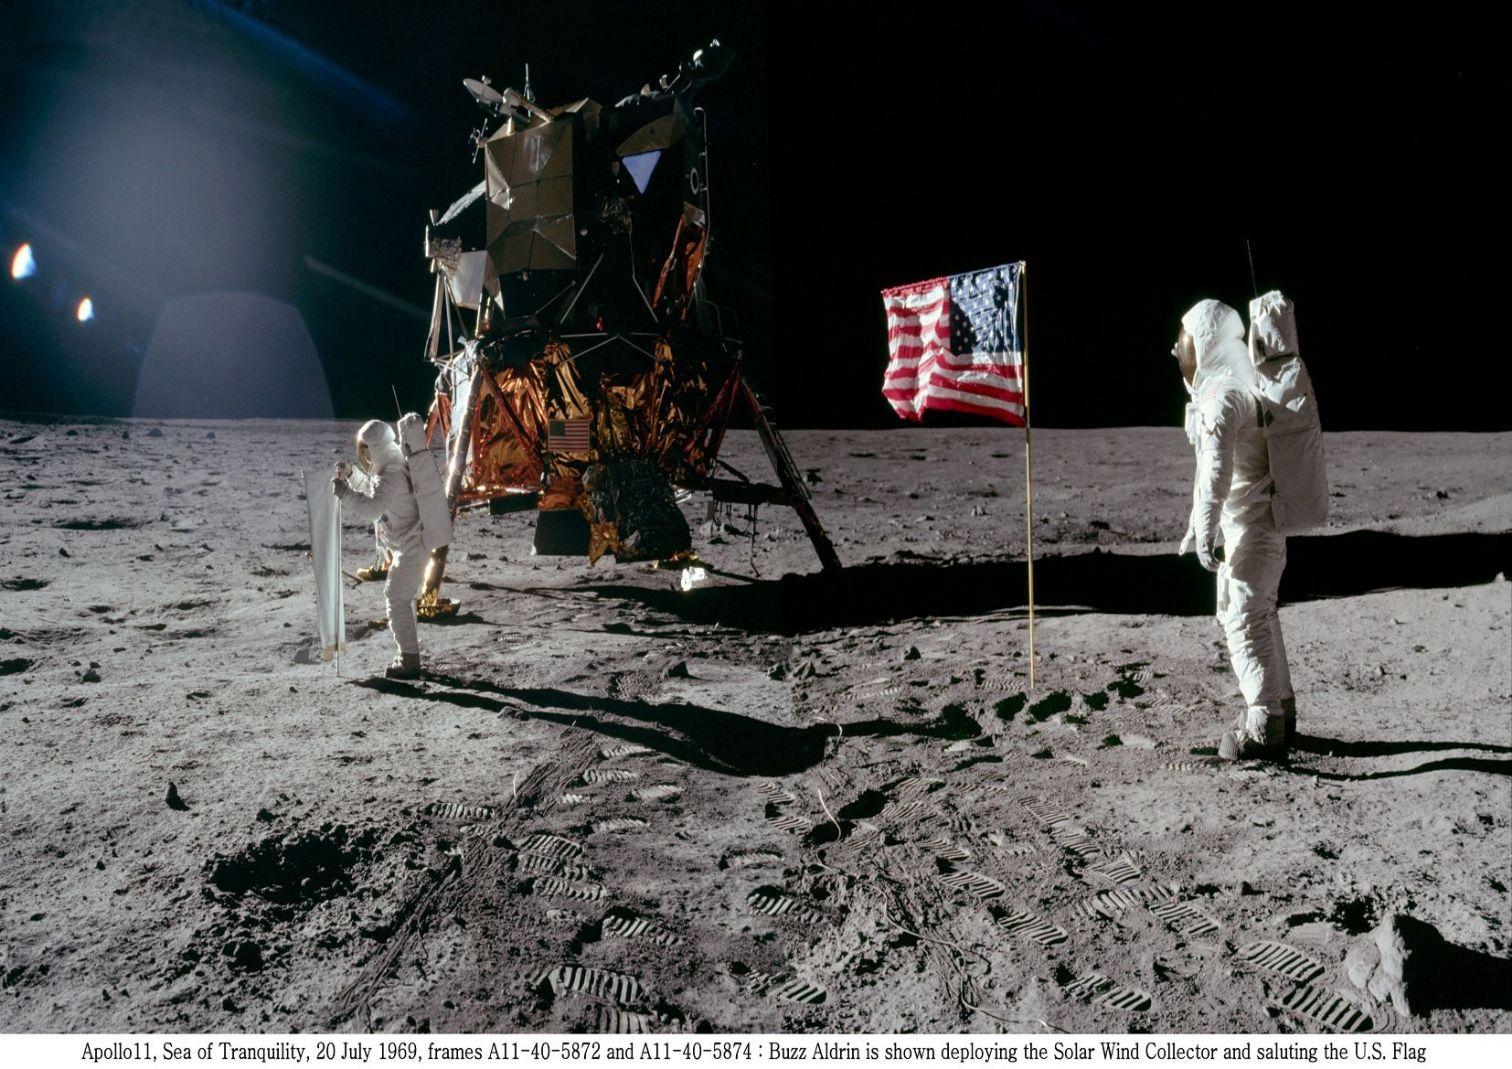 Pendaratan di bulan, 8 tahun setelah pidato Kennedy